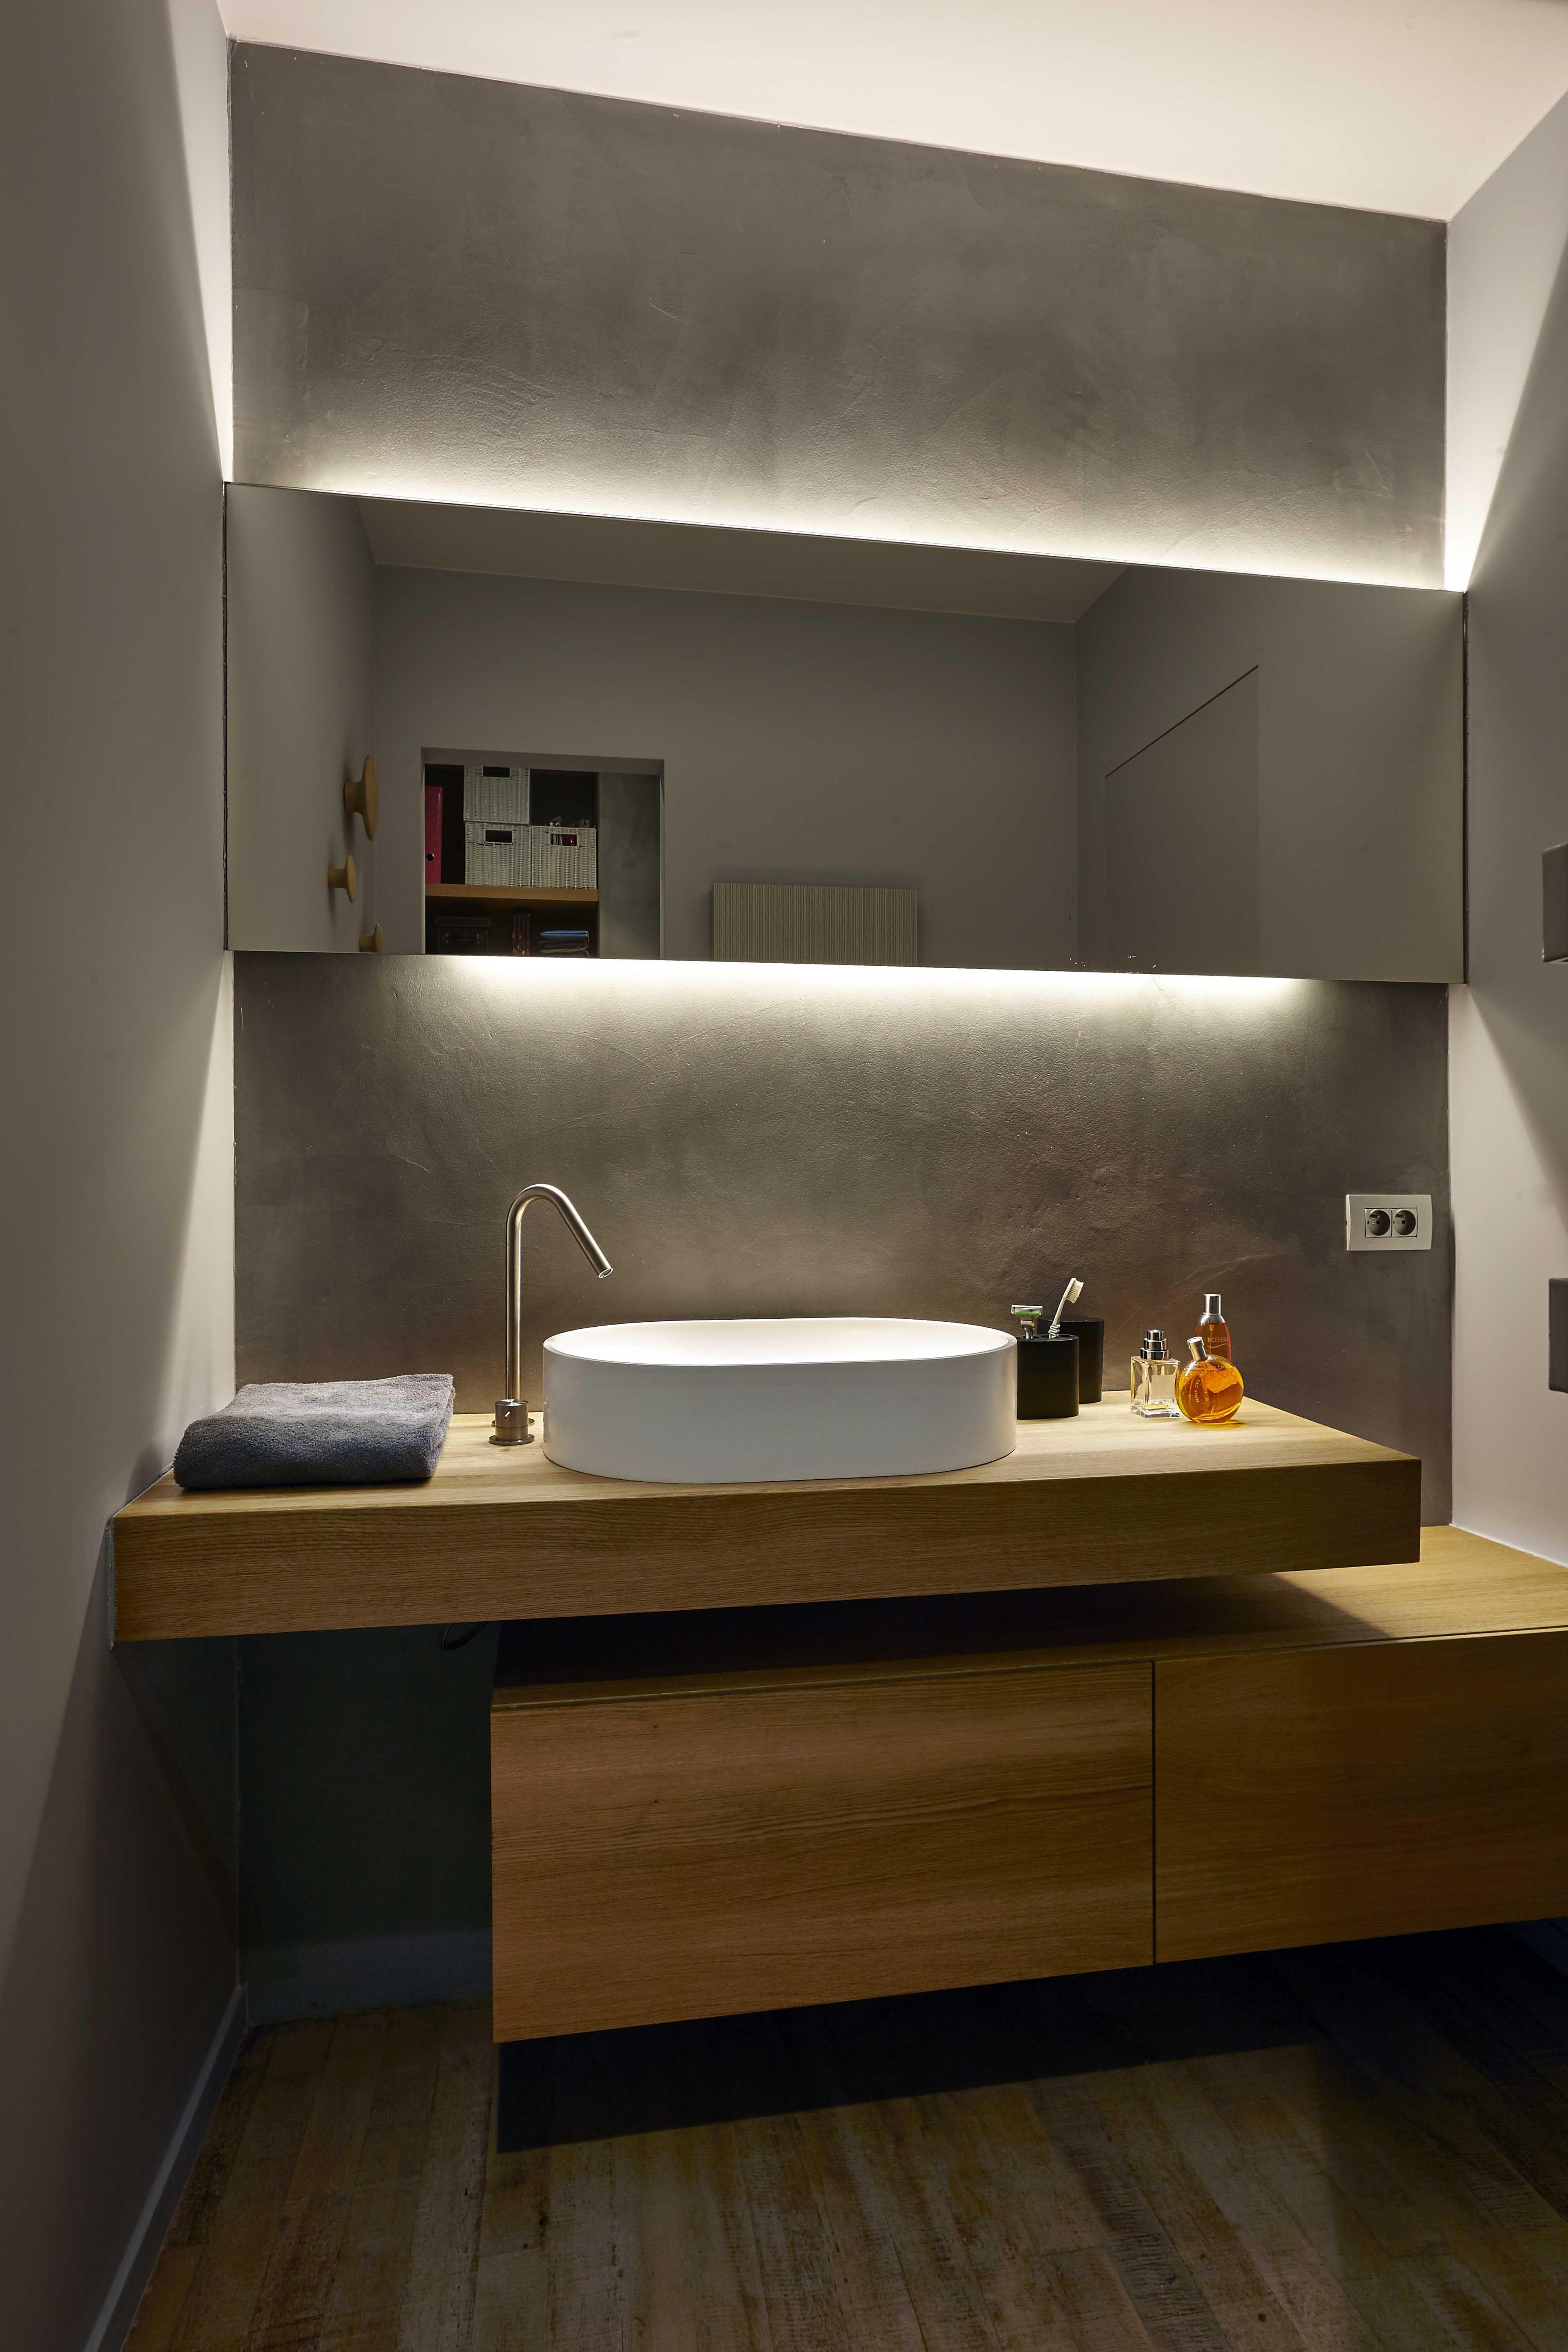 Salle de bains épurée avec lumières design dans une maison en ...